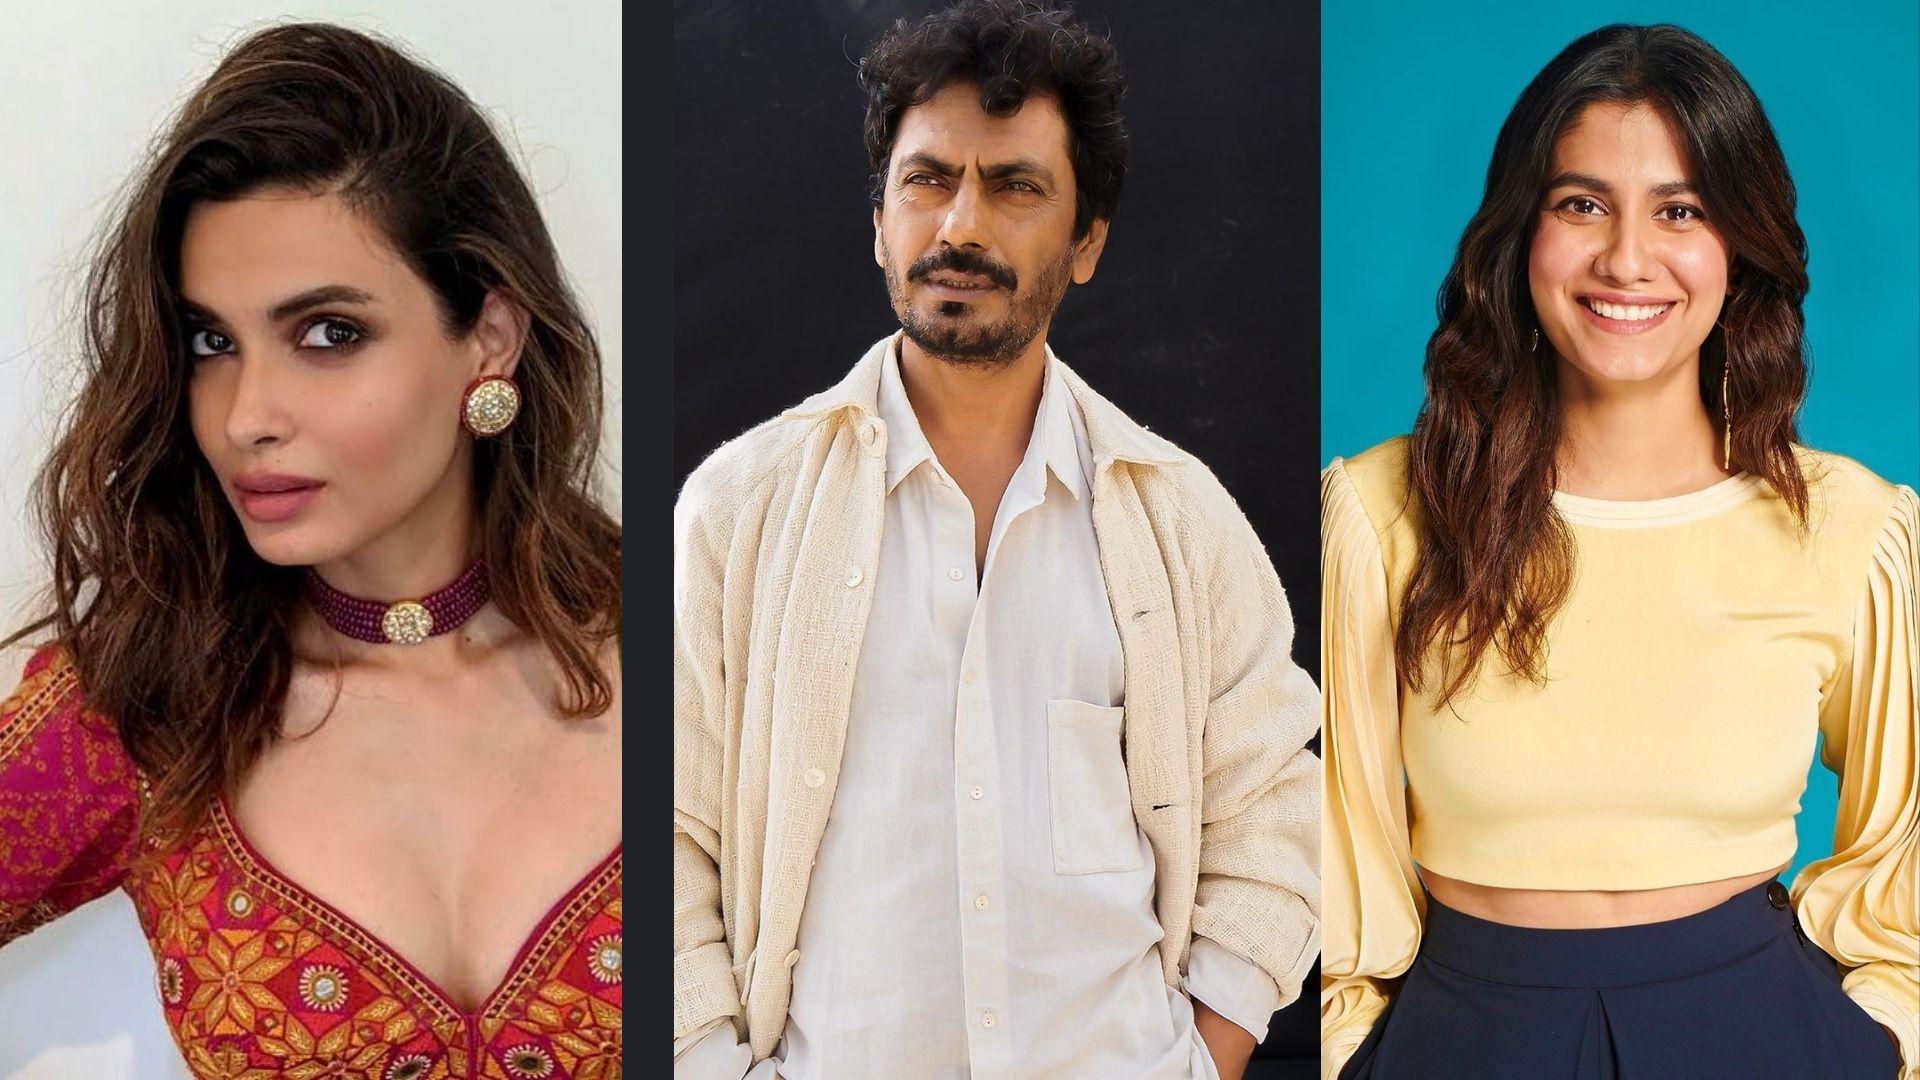 Adbhut Teaser Out: Nawazuddin Siddiqui, Diana Penty, Shreya Dhanwanthary Starrer Will Be A Supernatural Thriller